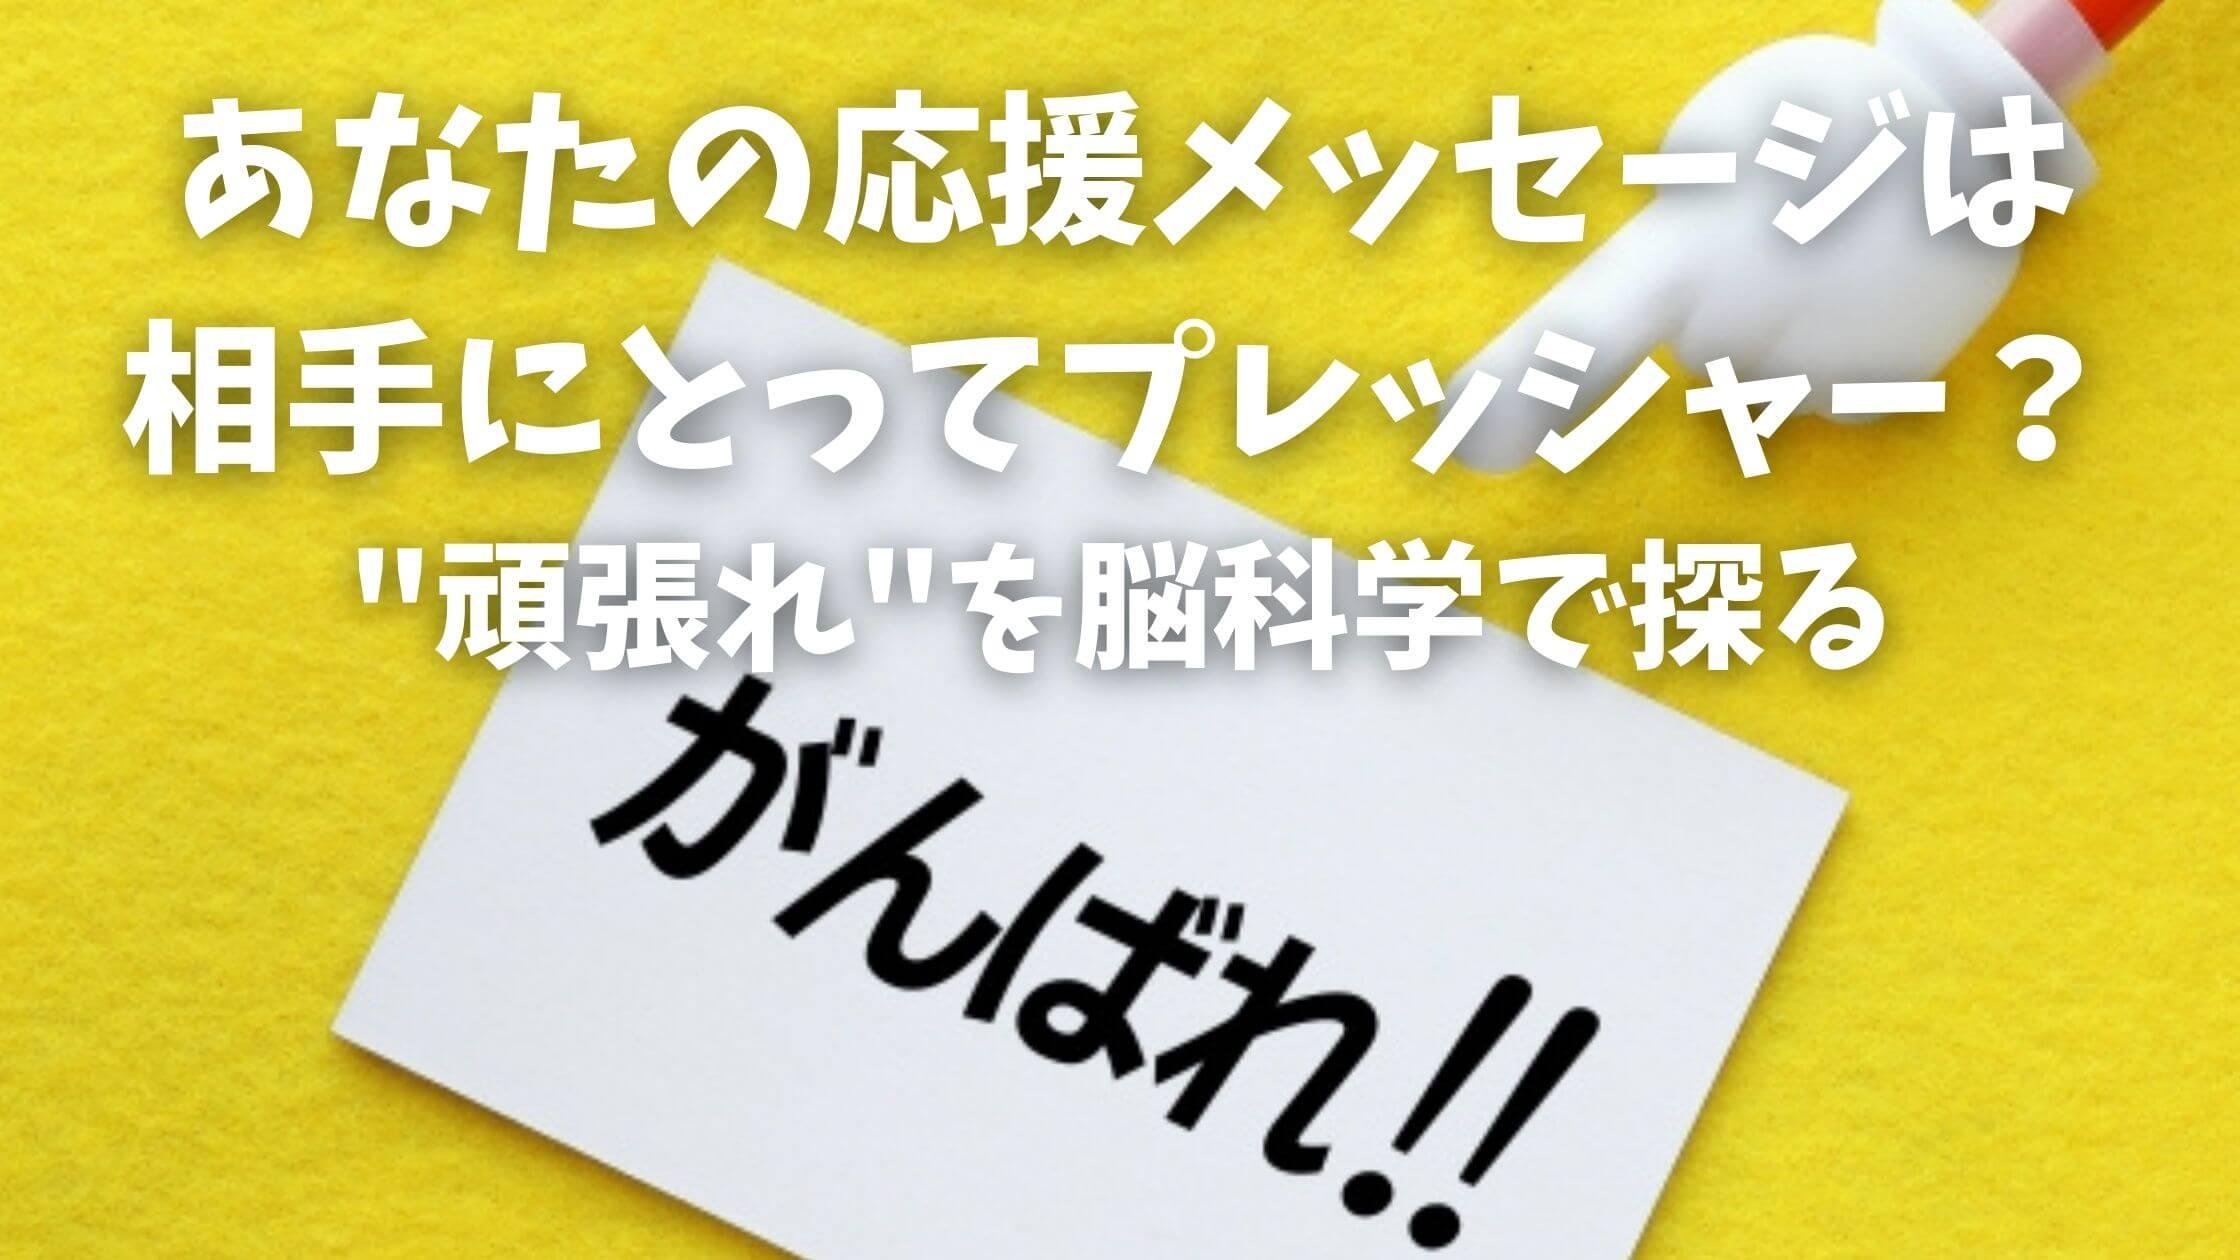 がんばれ-A4